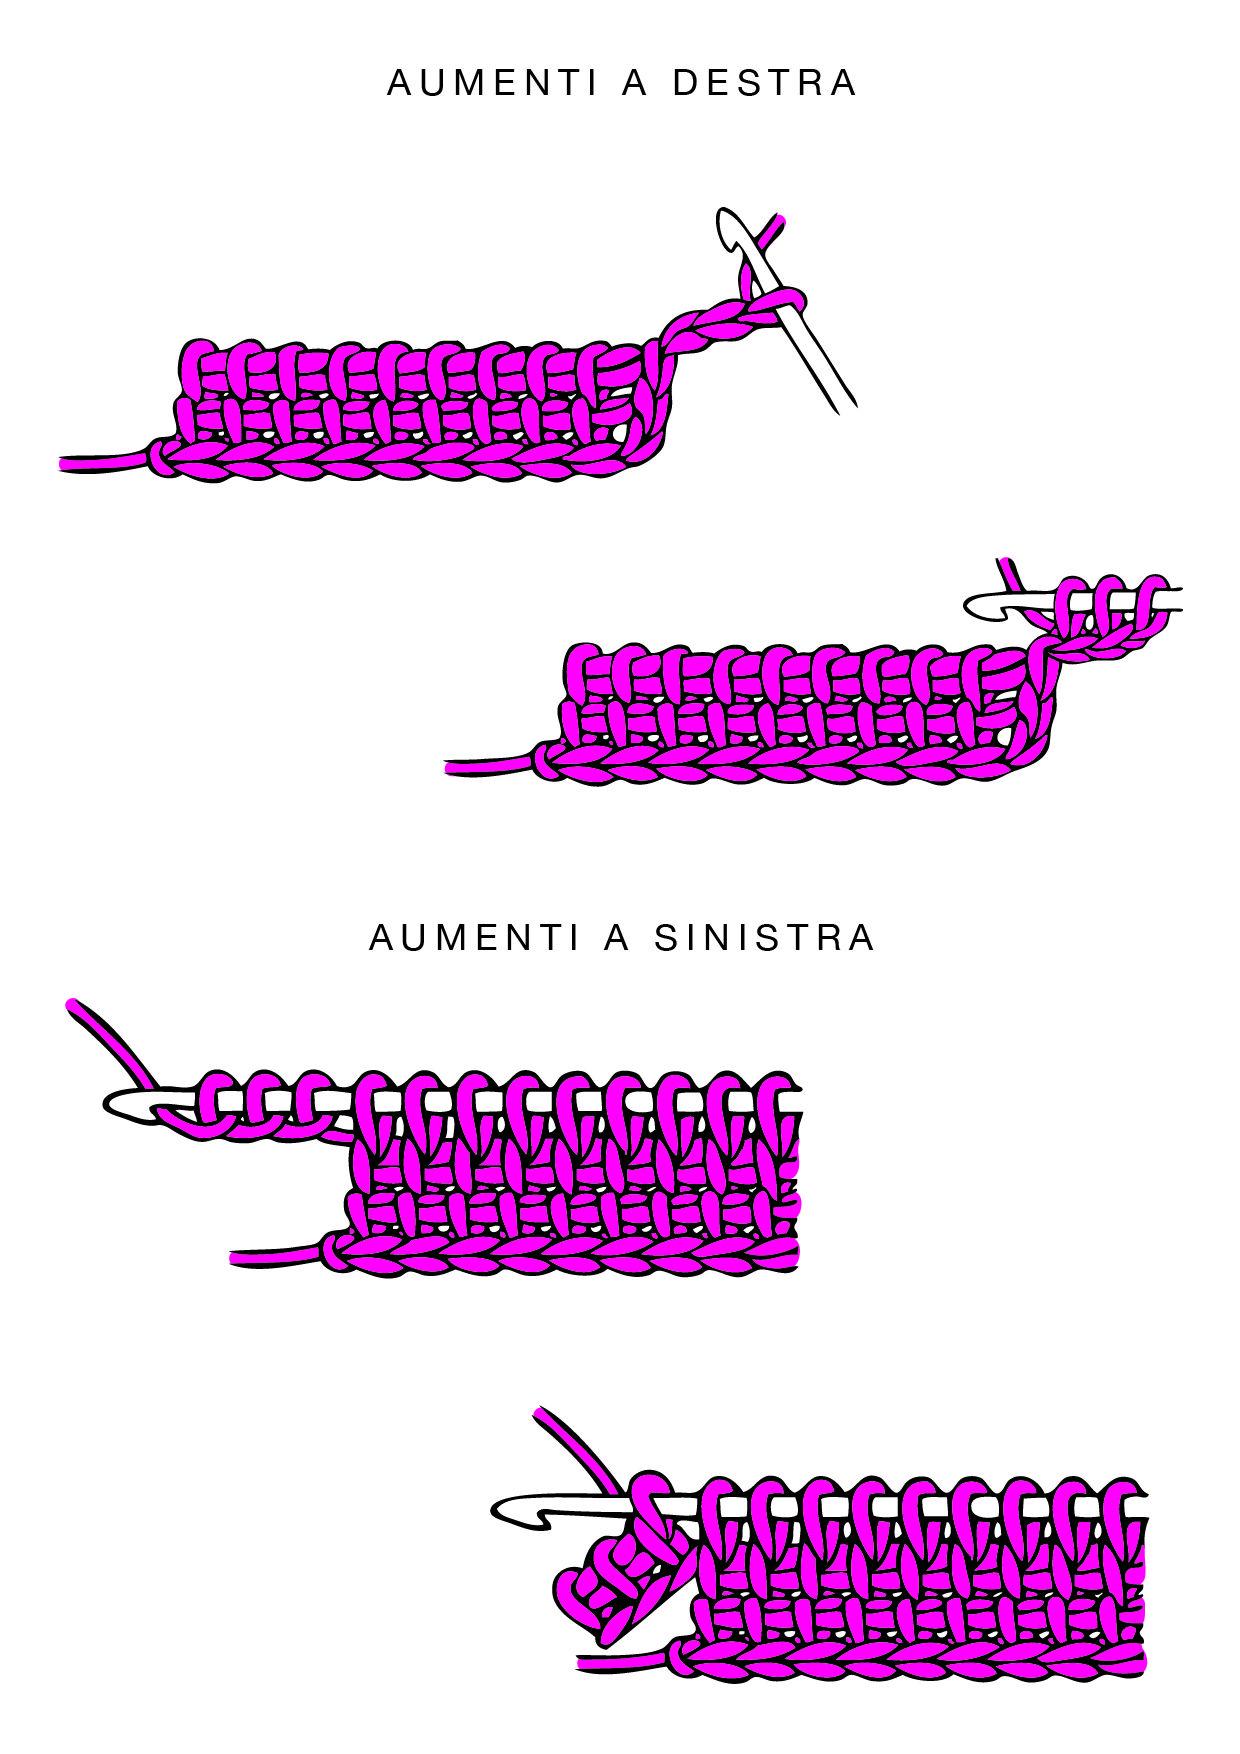 kl_tut_uncinetto-tunisino-aum-m_2.jpg (1240×1754)   Tunisian crochet ...